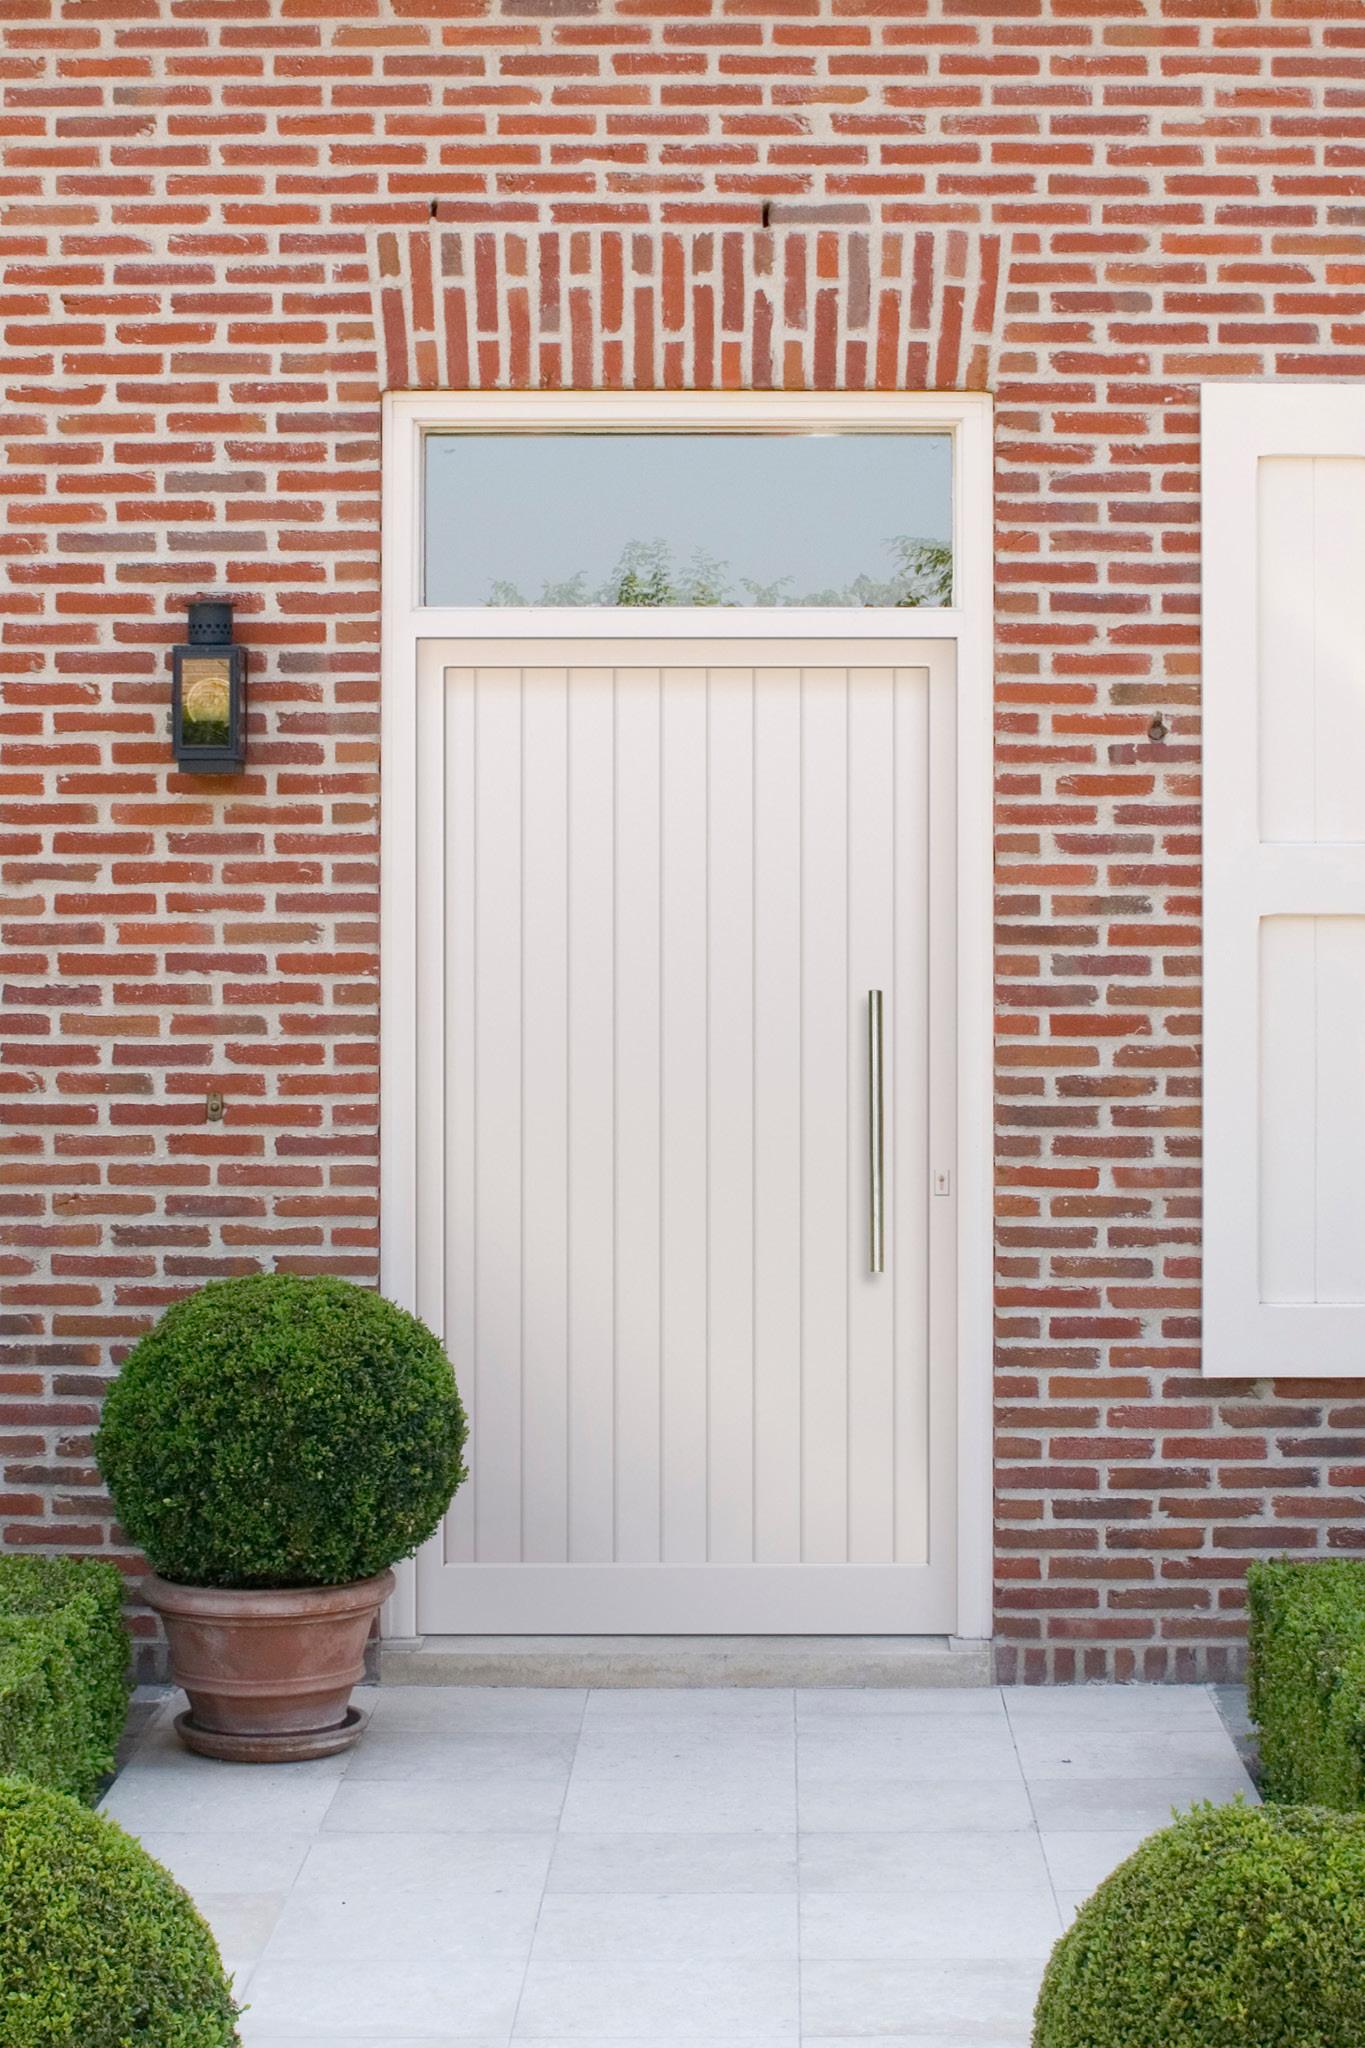 Porte d'entrée de maison : Voici la gamme Rainuré